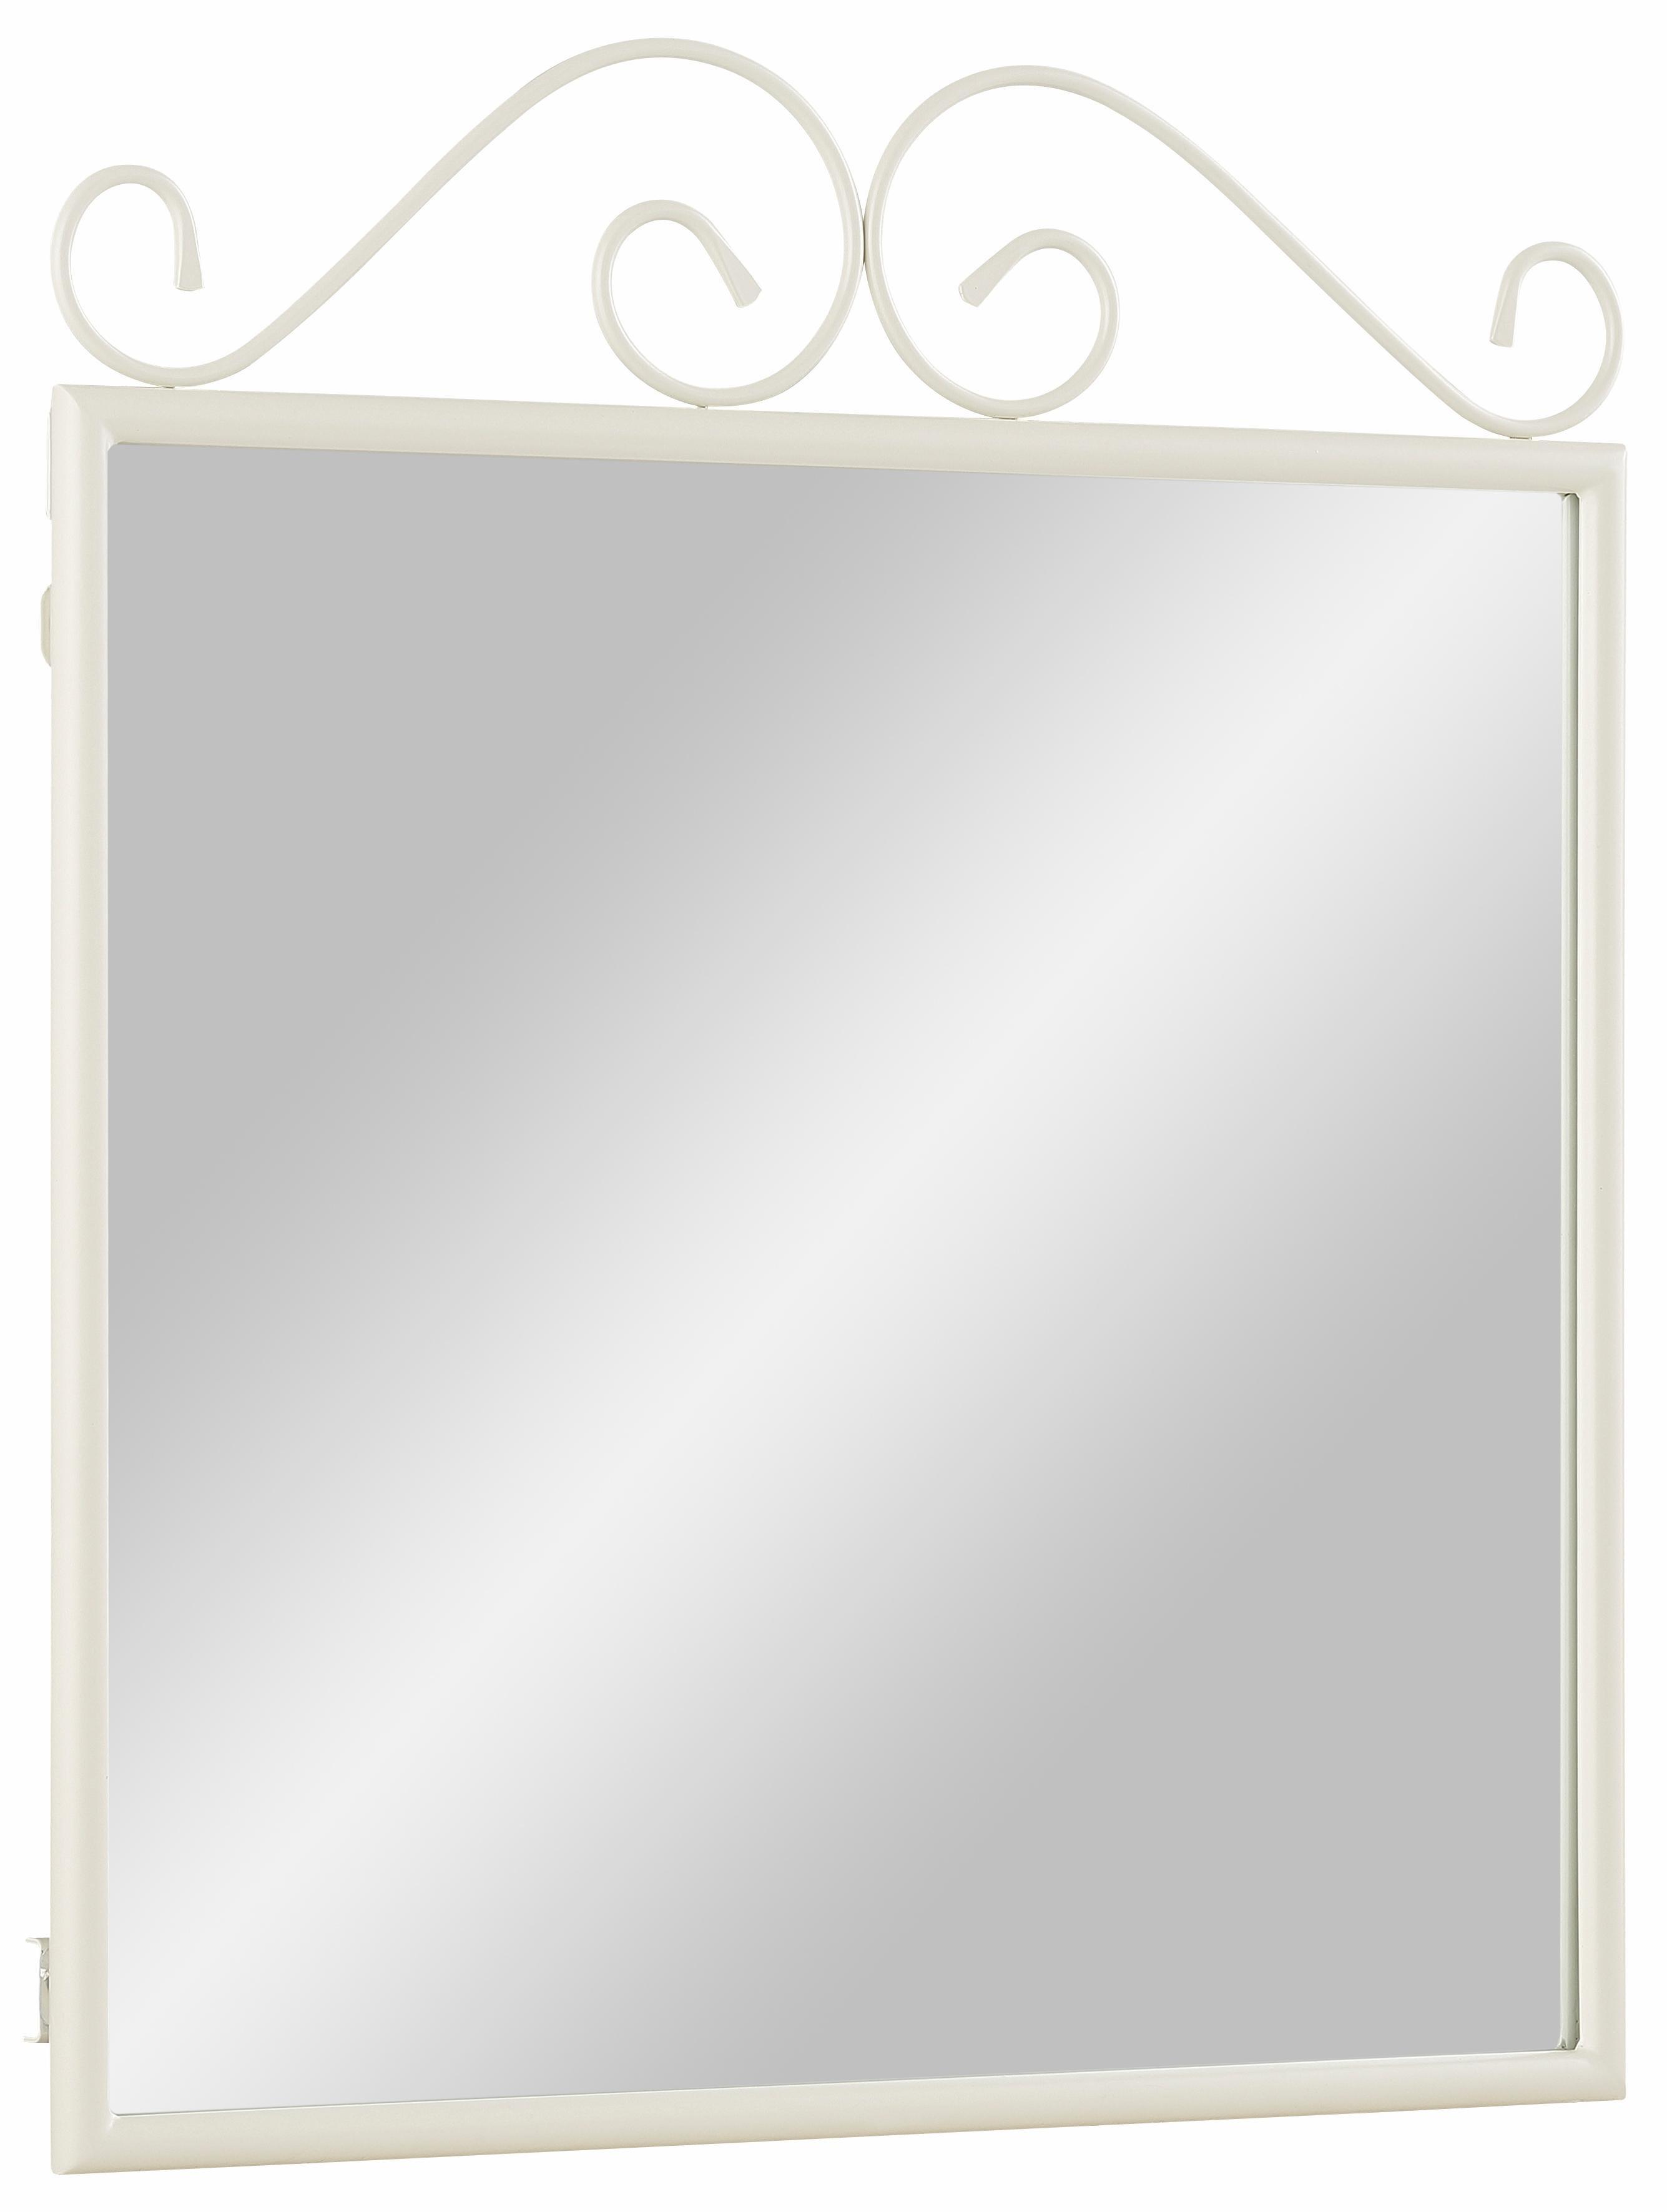 Home Affaire spiegel »Princess« bestellen: 14 dagen bedenktijd